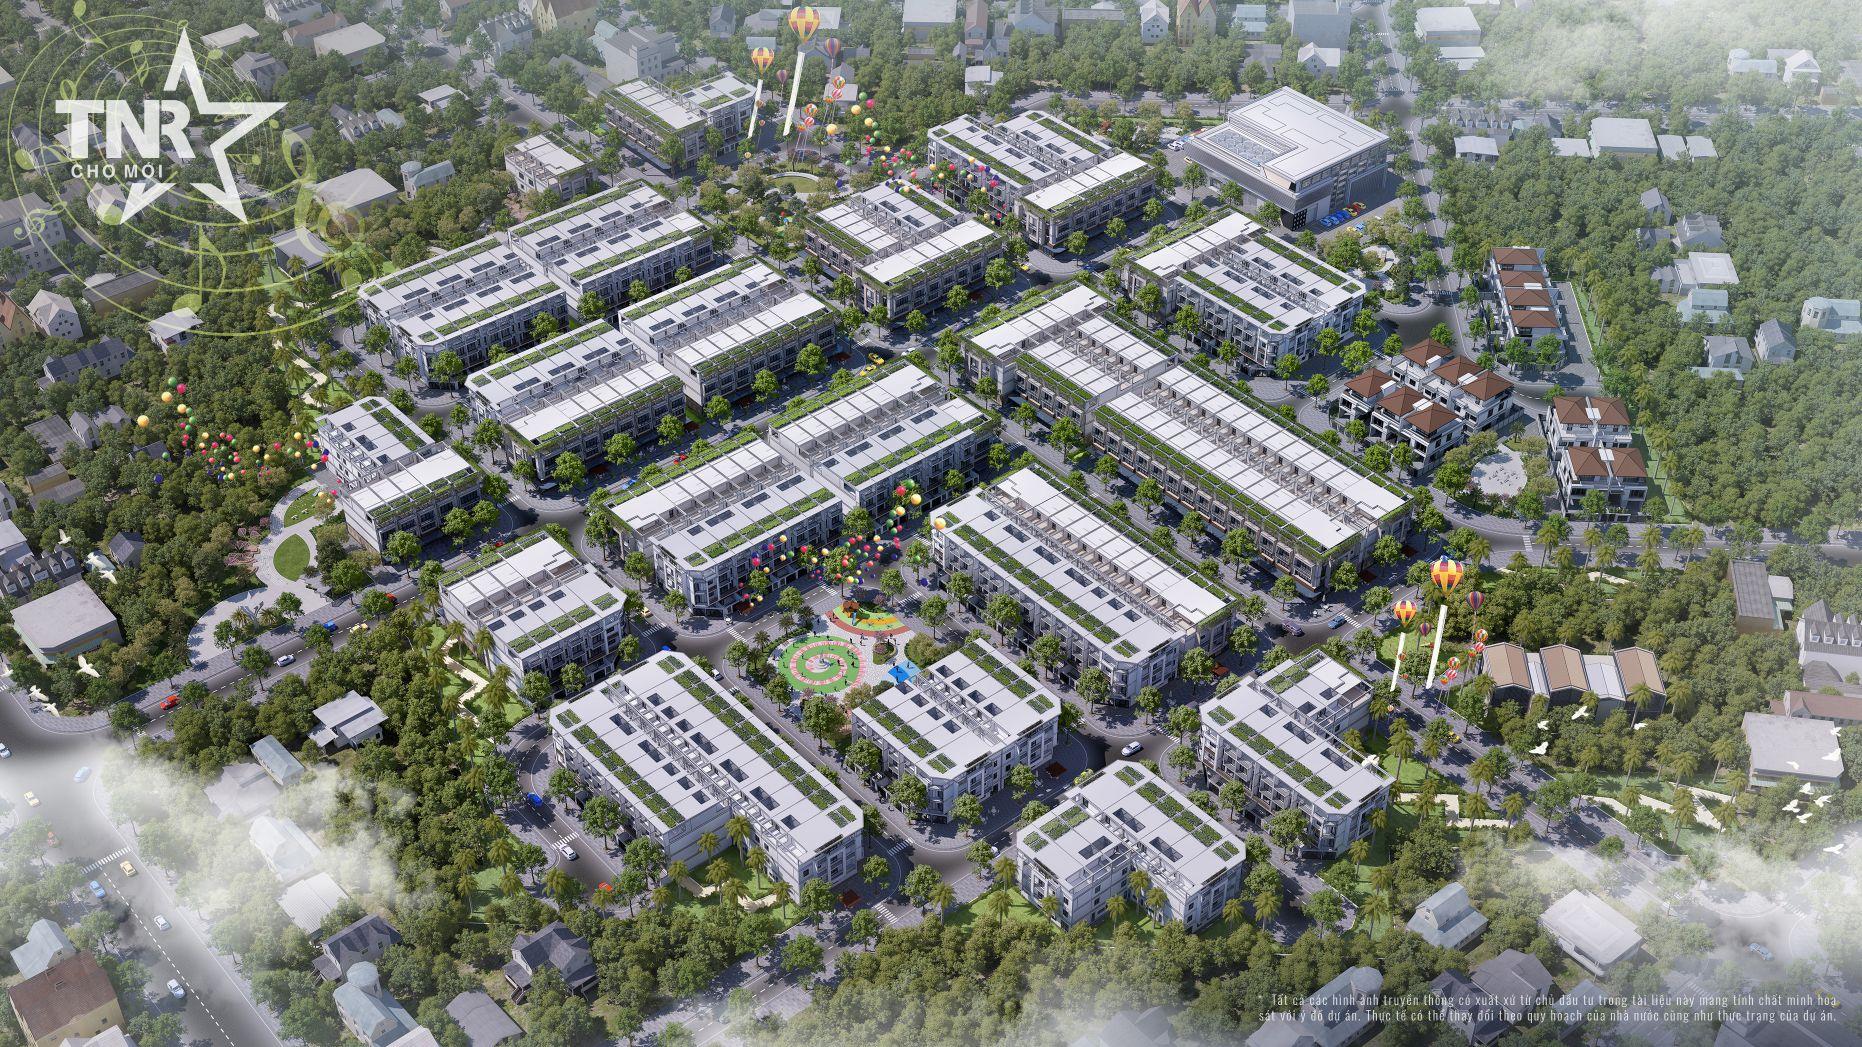 Phối cảnh tổng thể dự án khu đô thị TNR Stars Chợ Mới (An Giang)